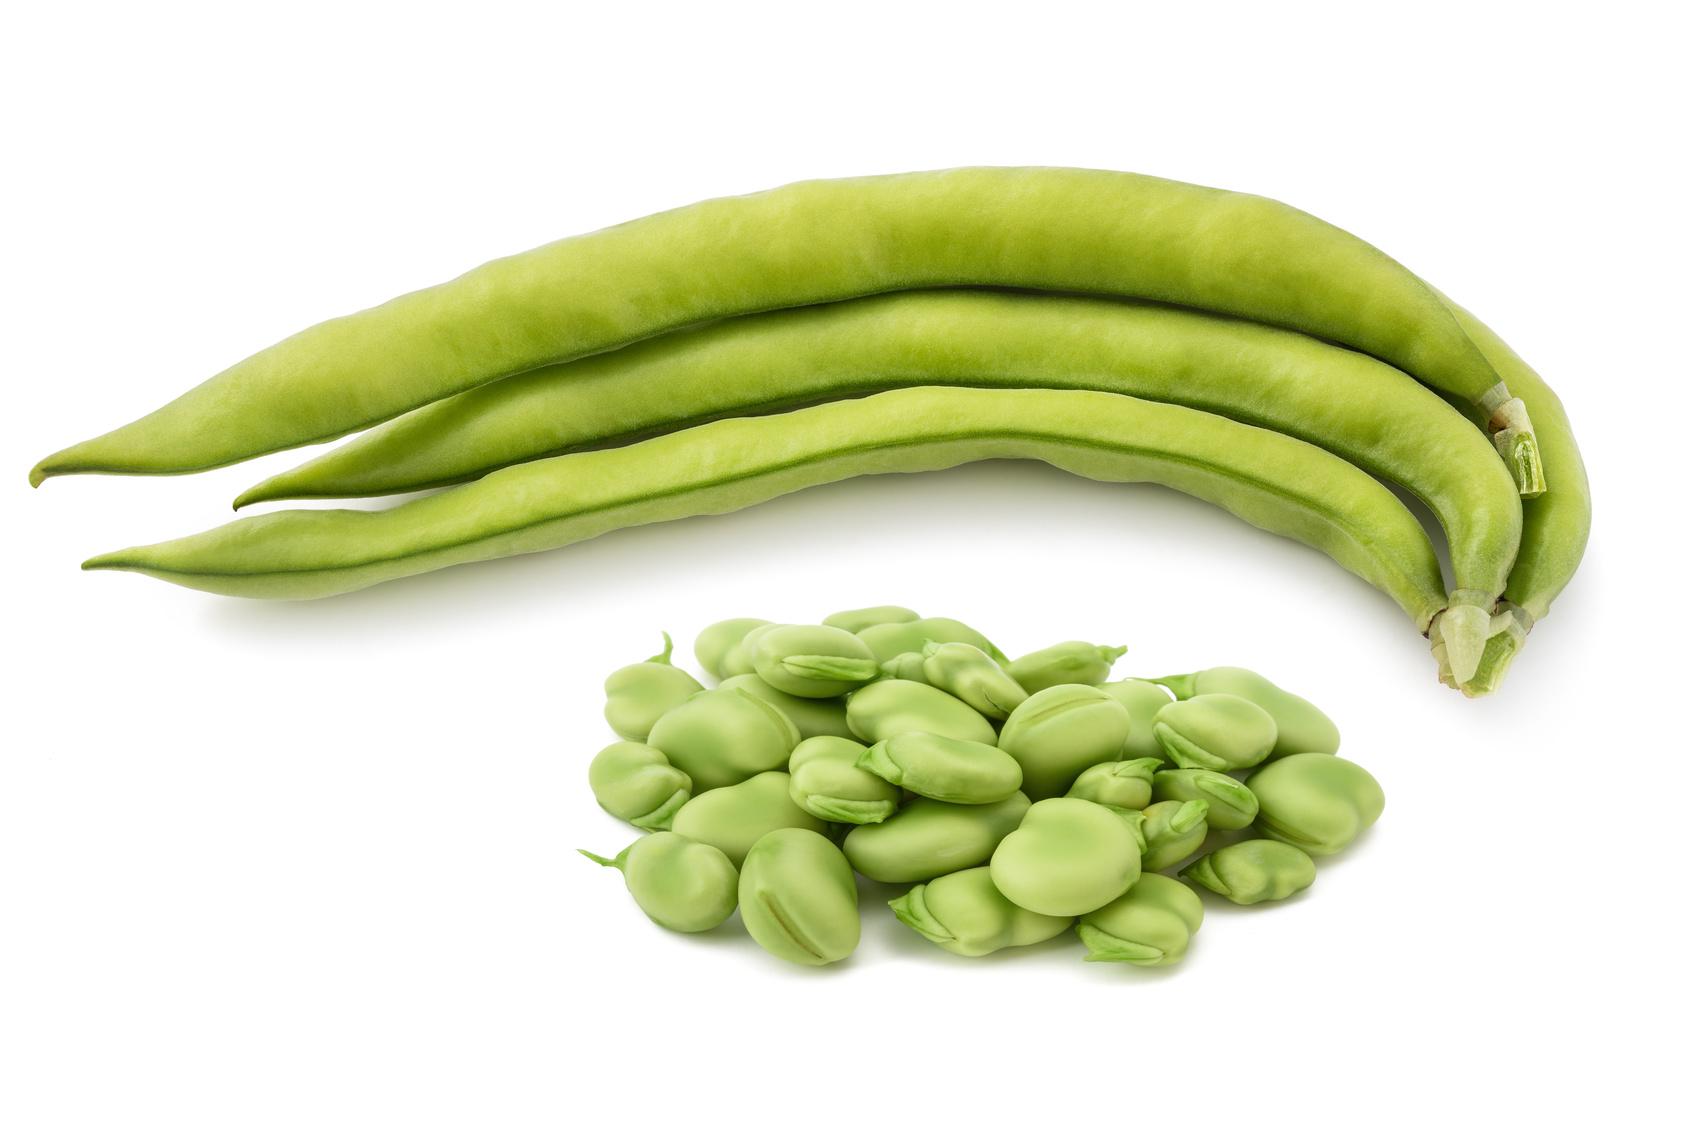 fève légume nutrition recette santé